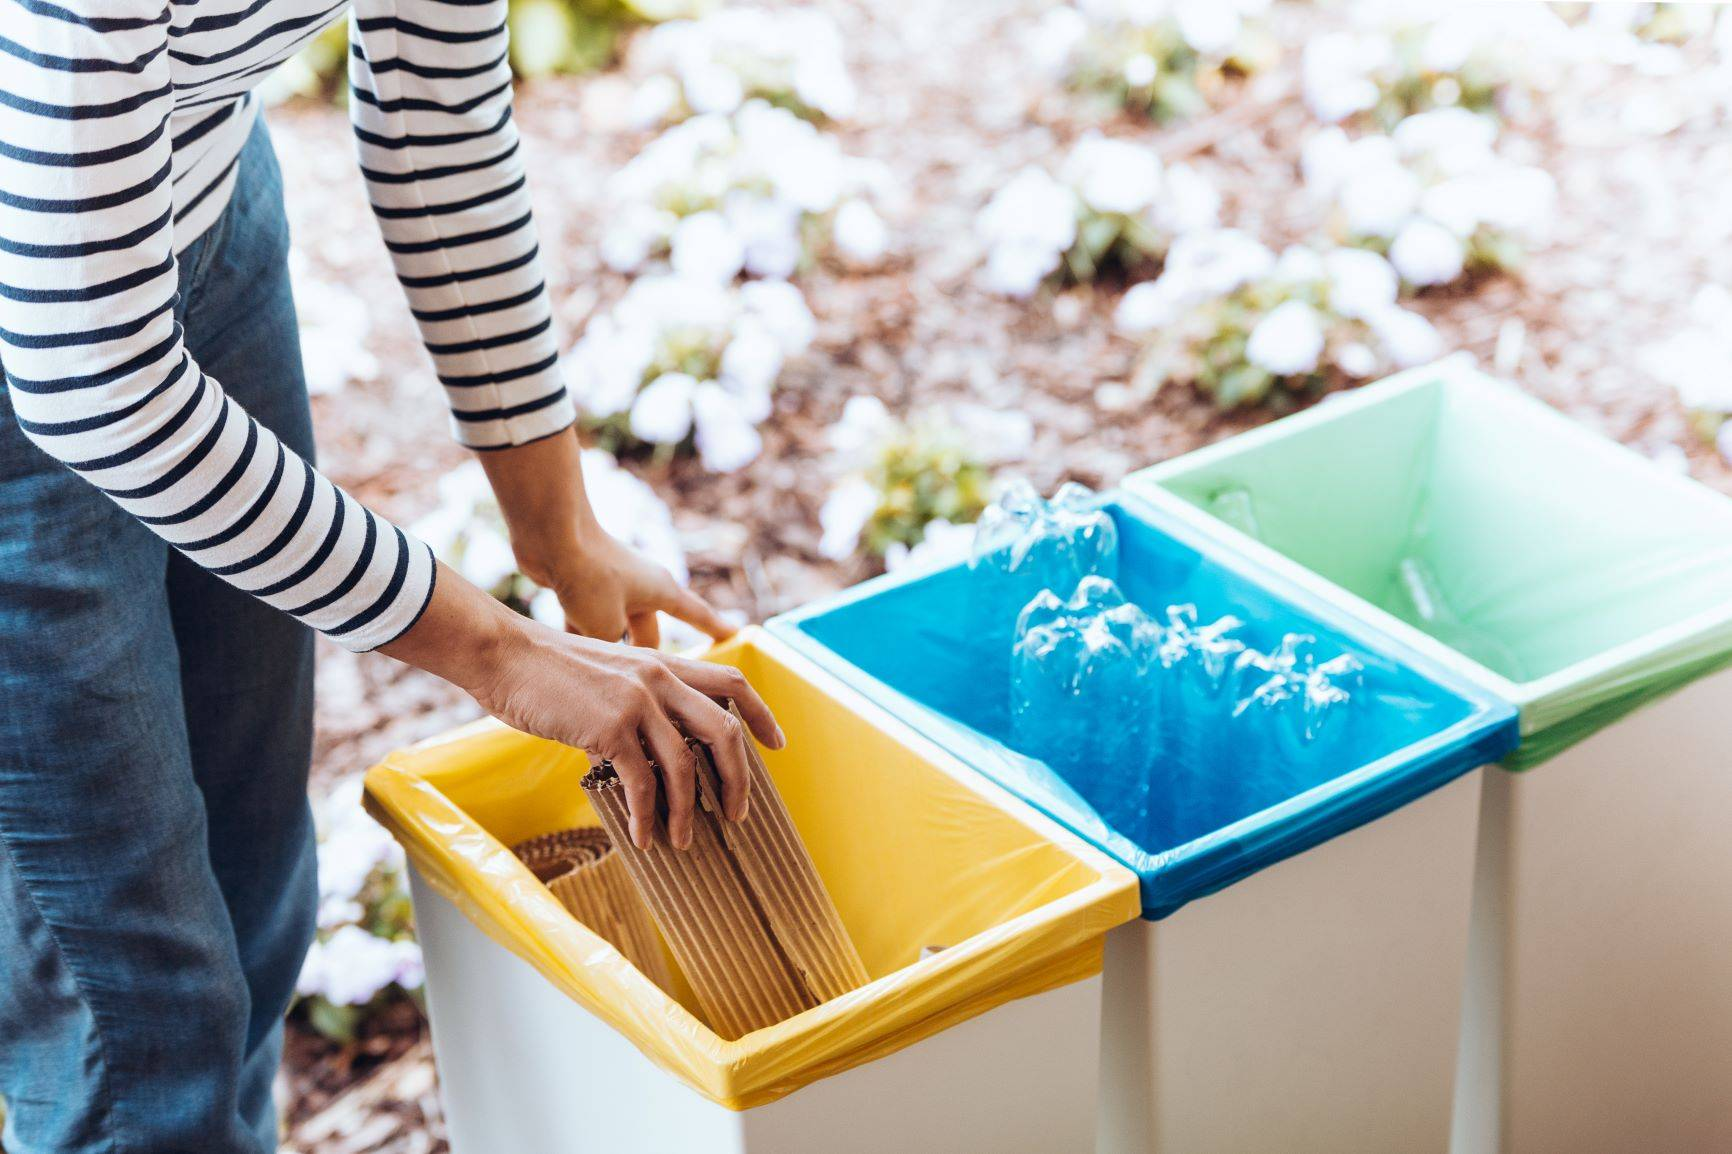 Segregacja śmieci - gdzie wyrzucać problematyczne odpady?